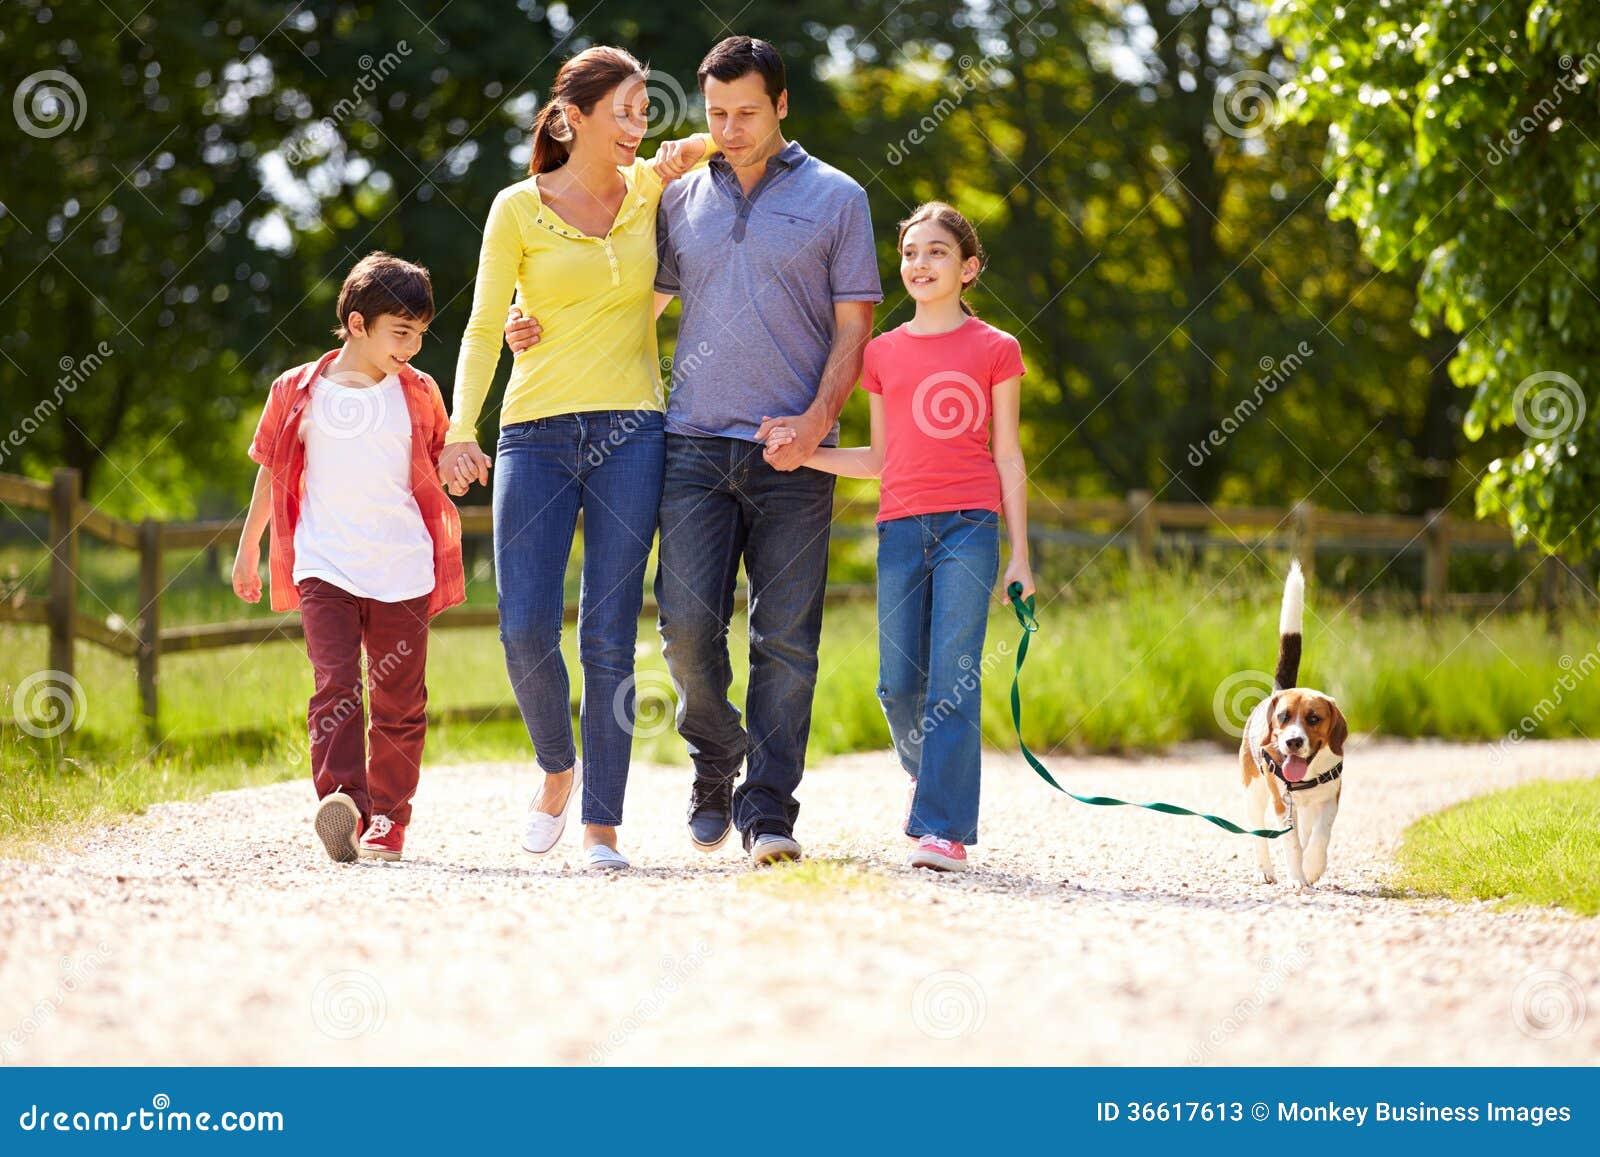 Hispanic Family Taking Dog For Walk Stock Photos - Image ...